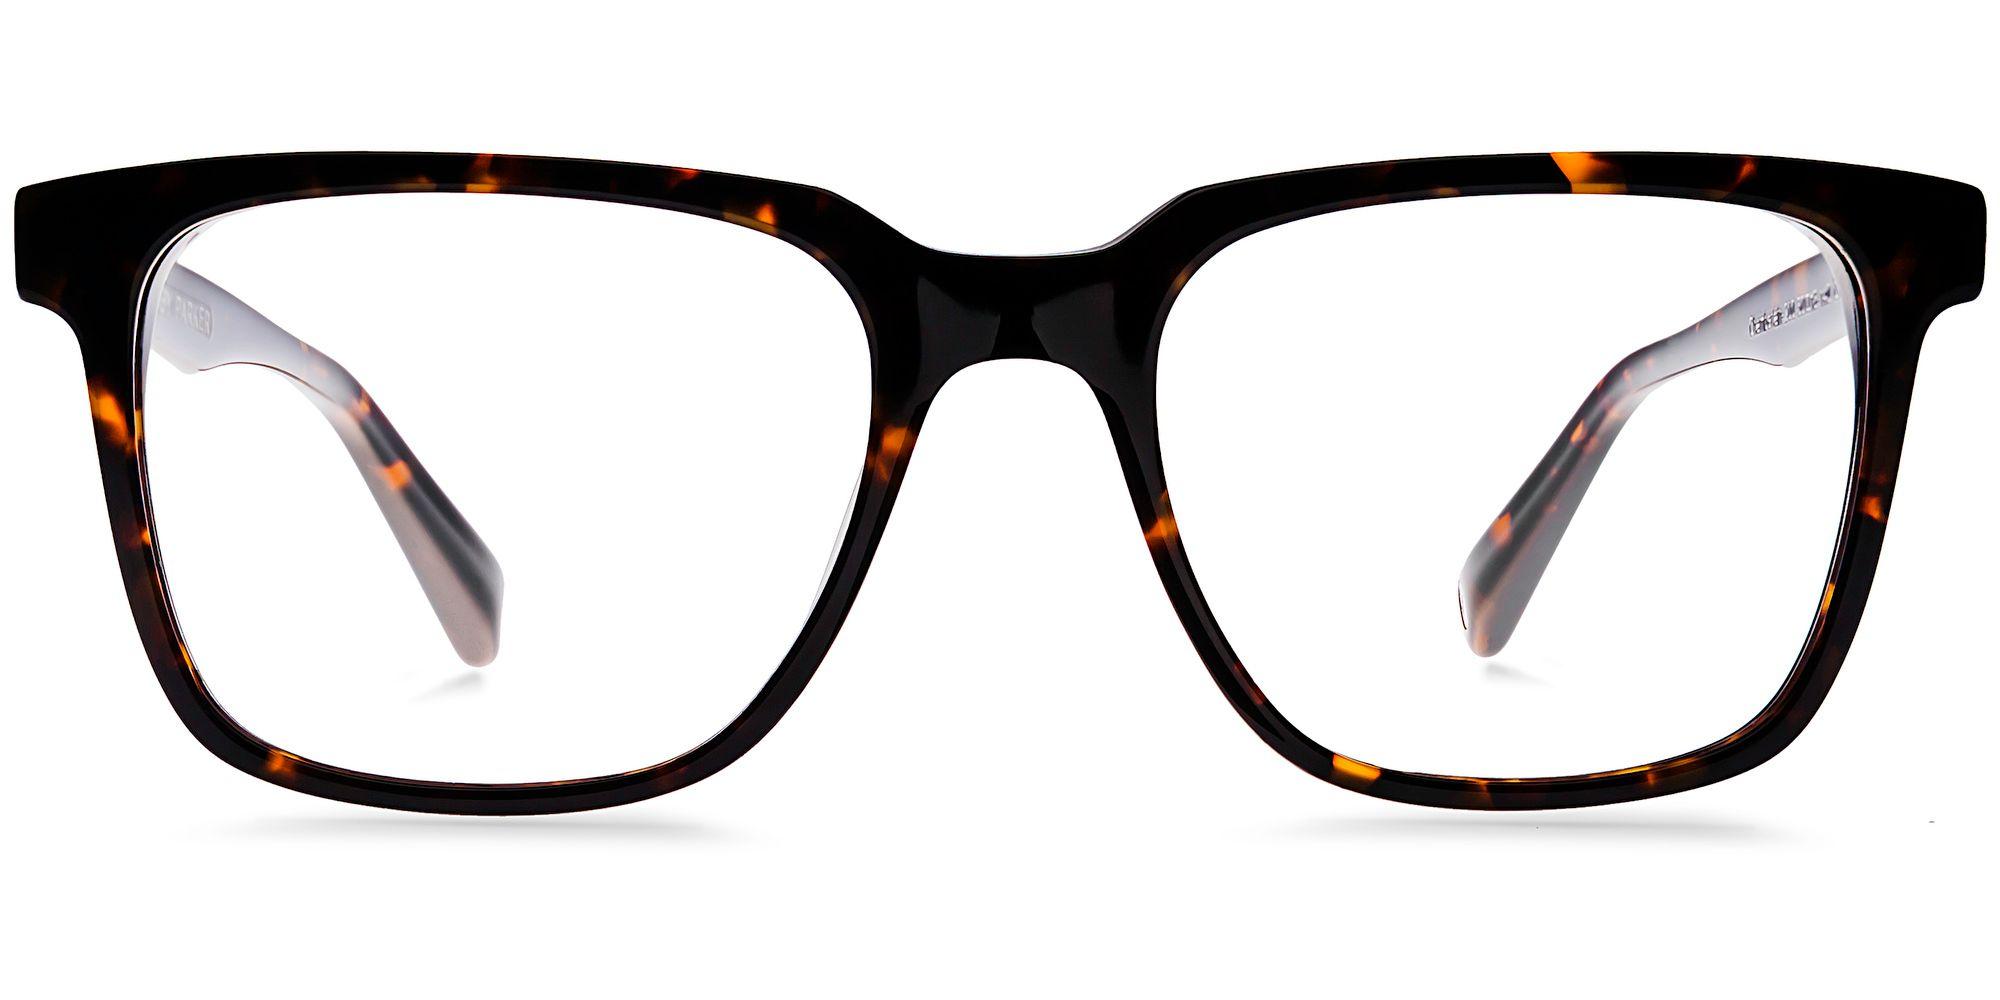 Warby Parker Glasses.jpg